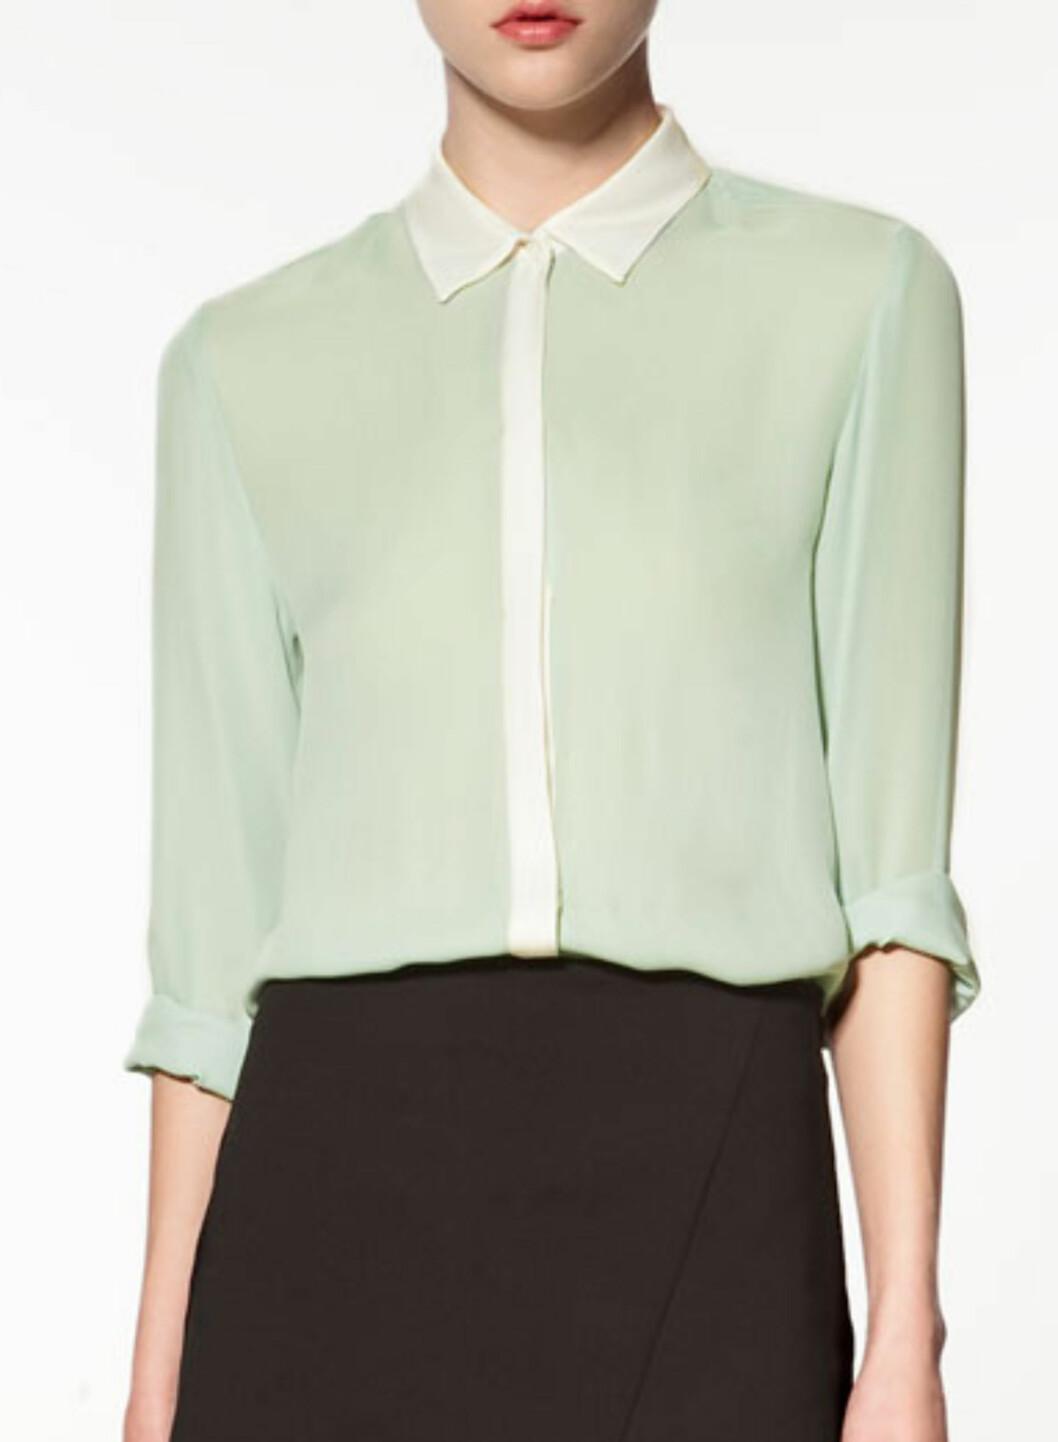 Chiffonskjorte med hvit krage (kr.799/Zara). Foto: Produsenten